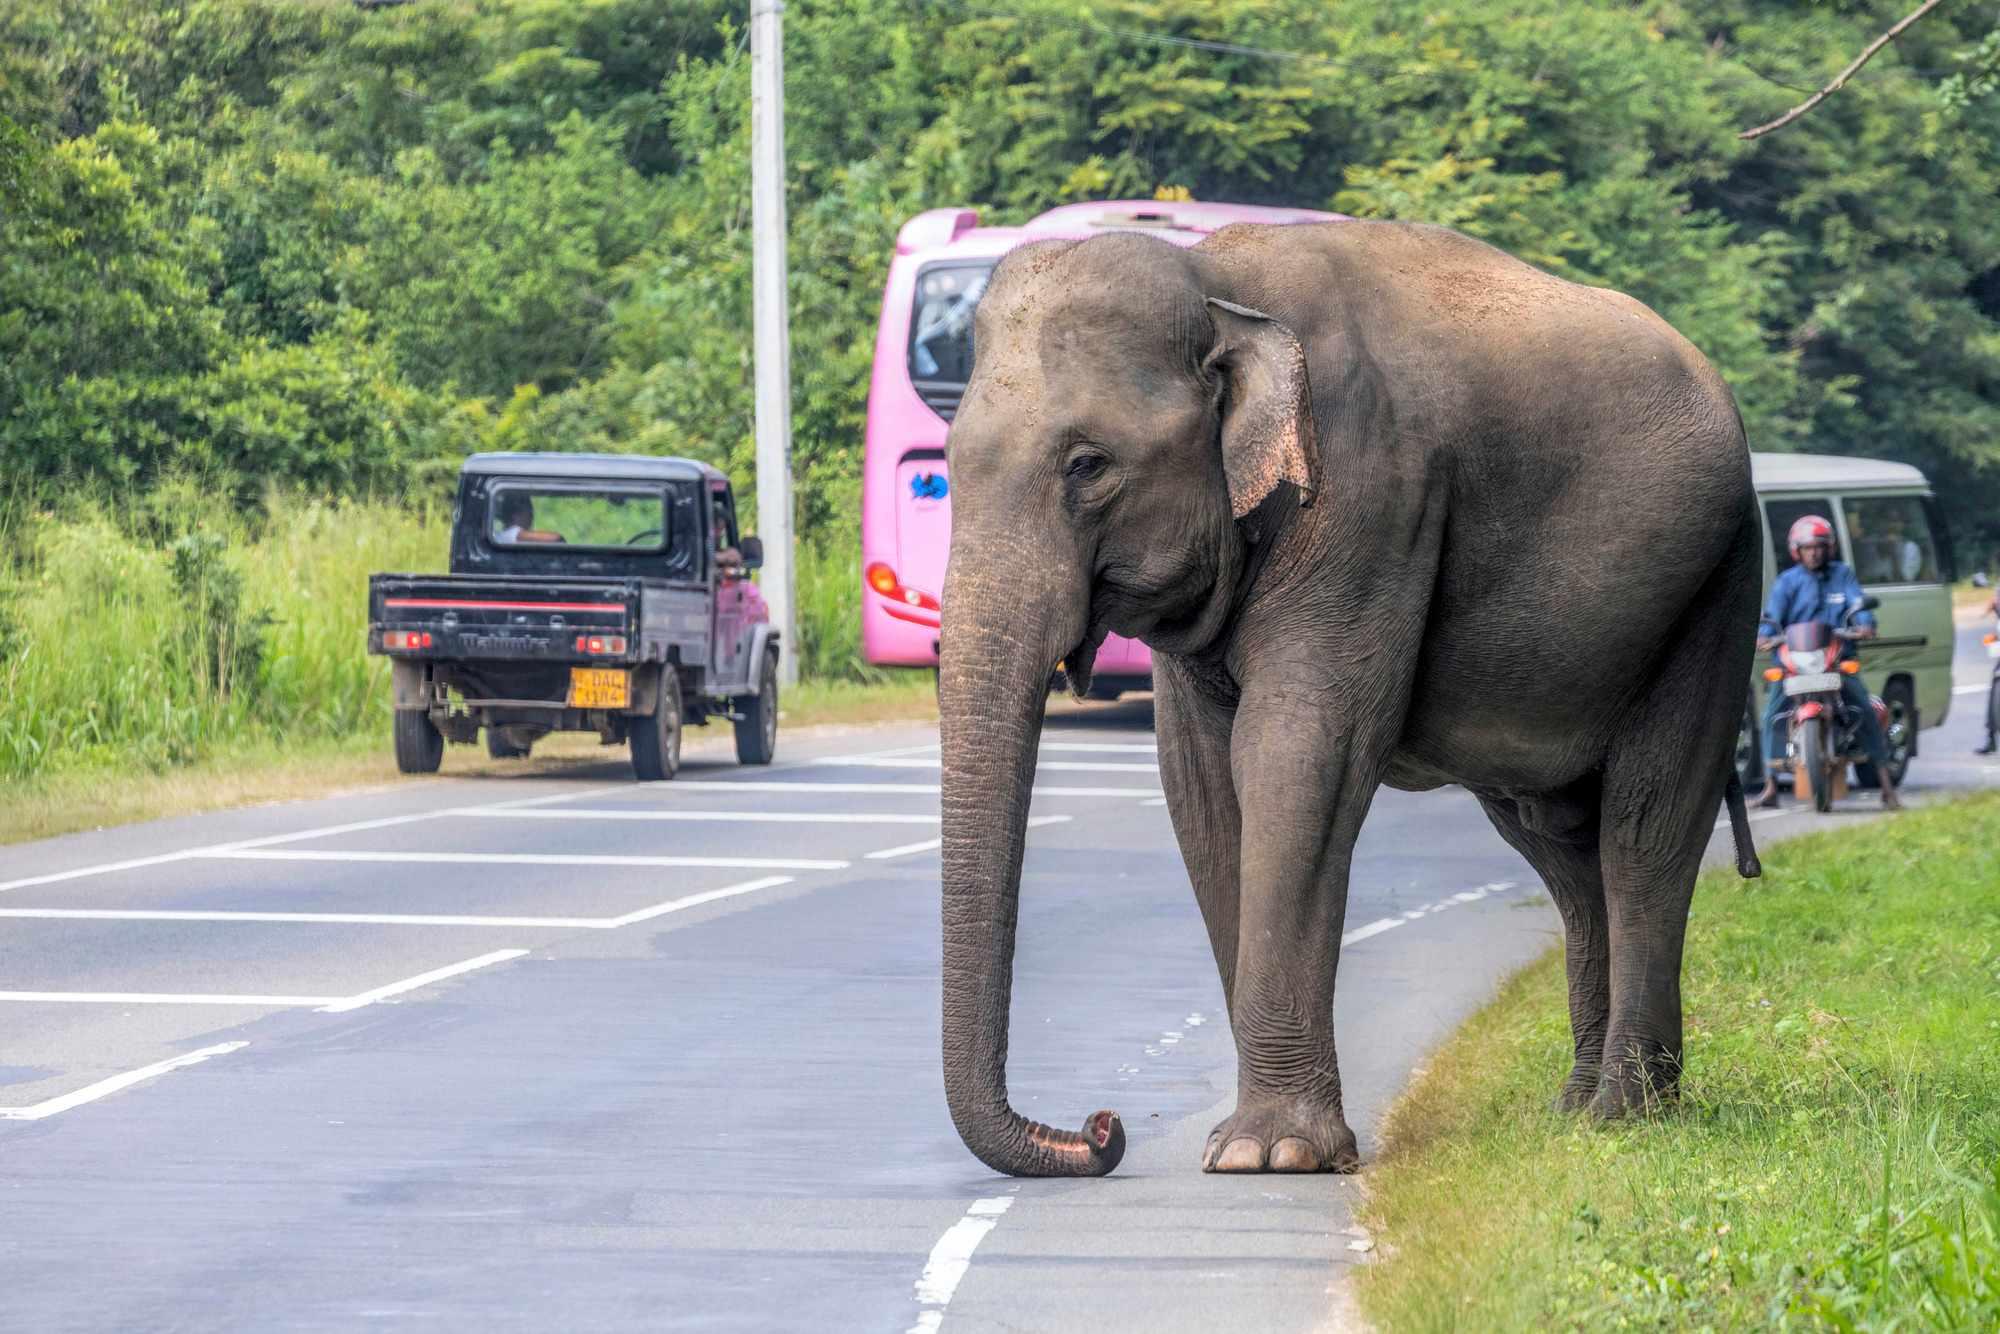 A wild elephant negotiates a busy highway, Sri Lanka. © BBC/Joana Kruse